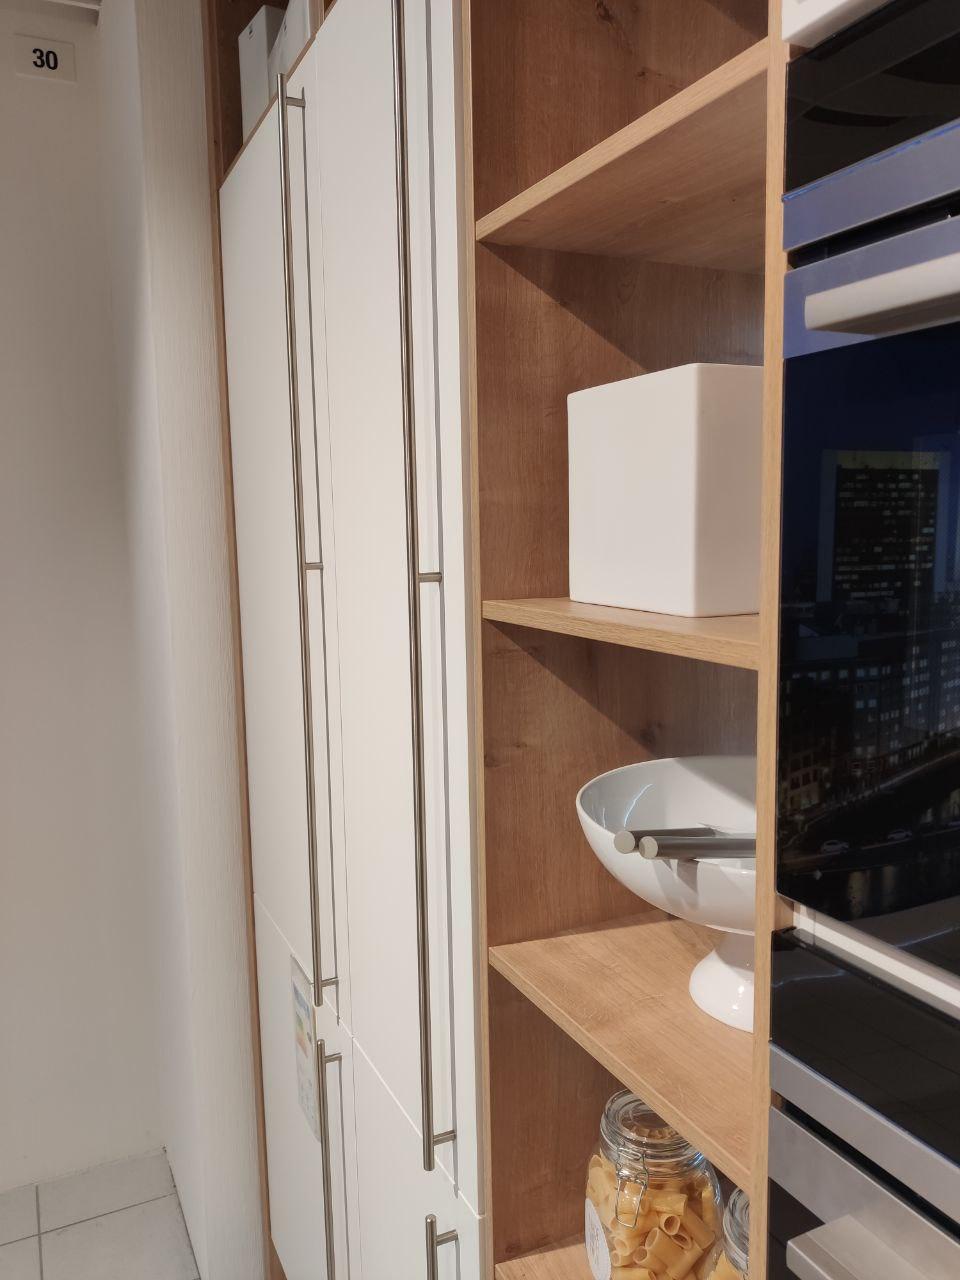 Náš nový byt v novostavbě - Obrázek č. 18